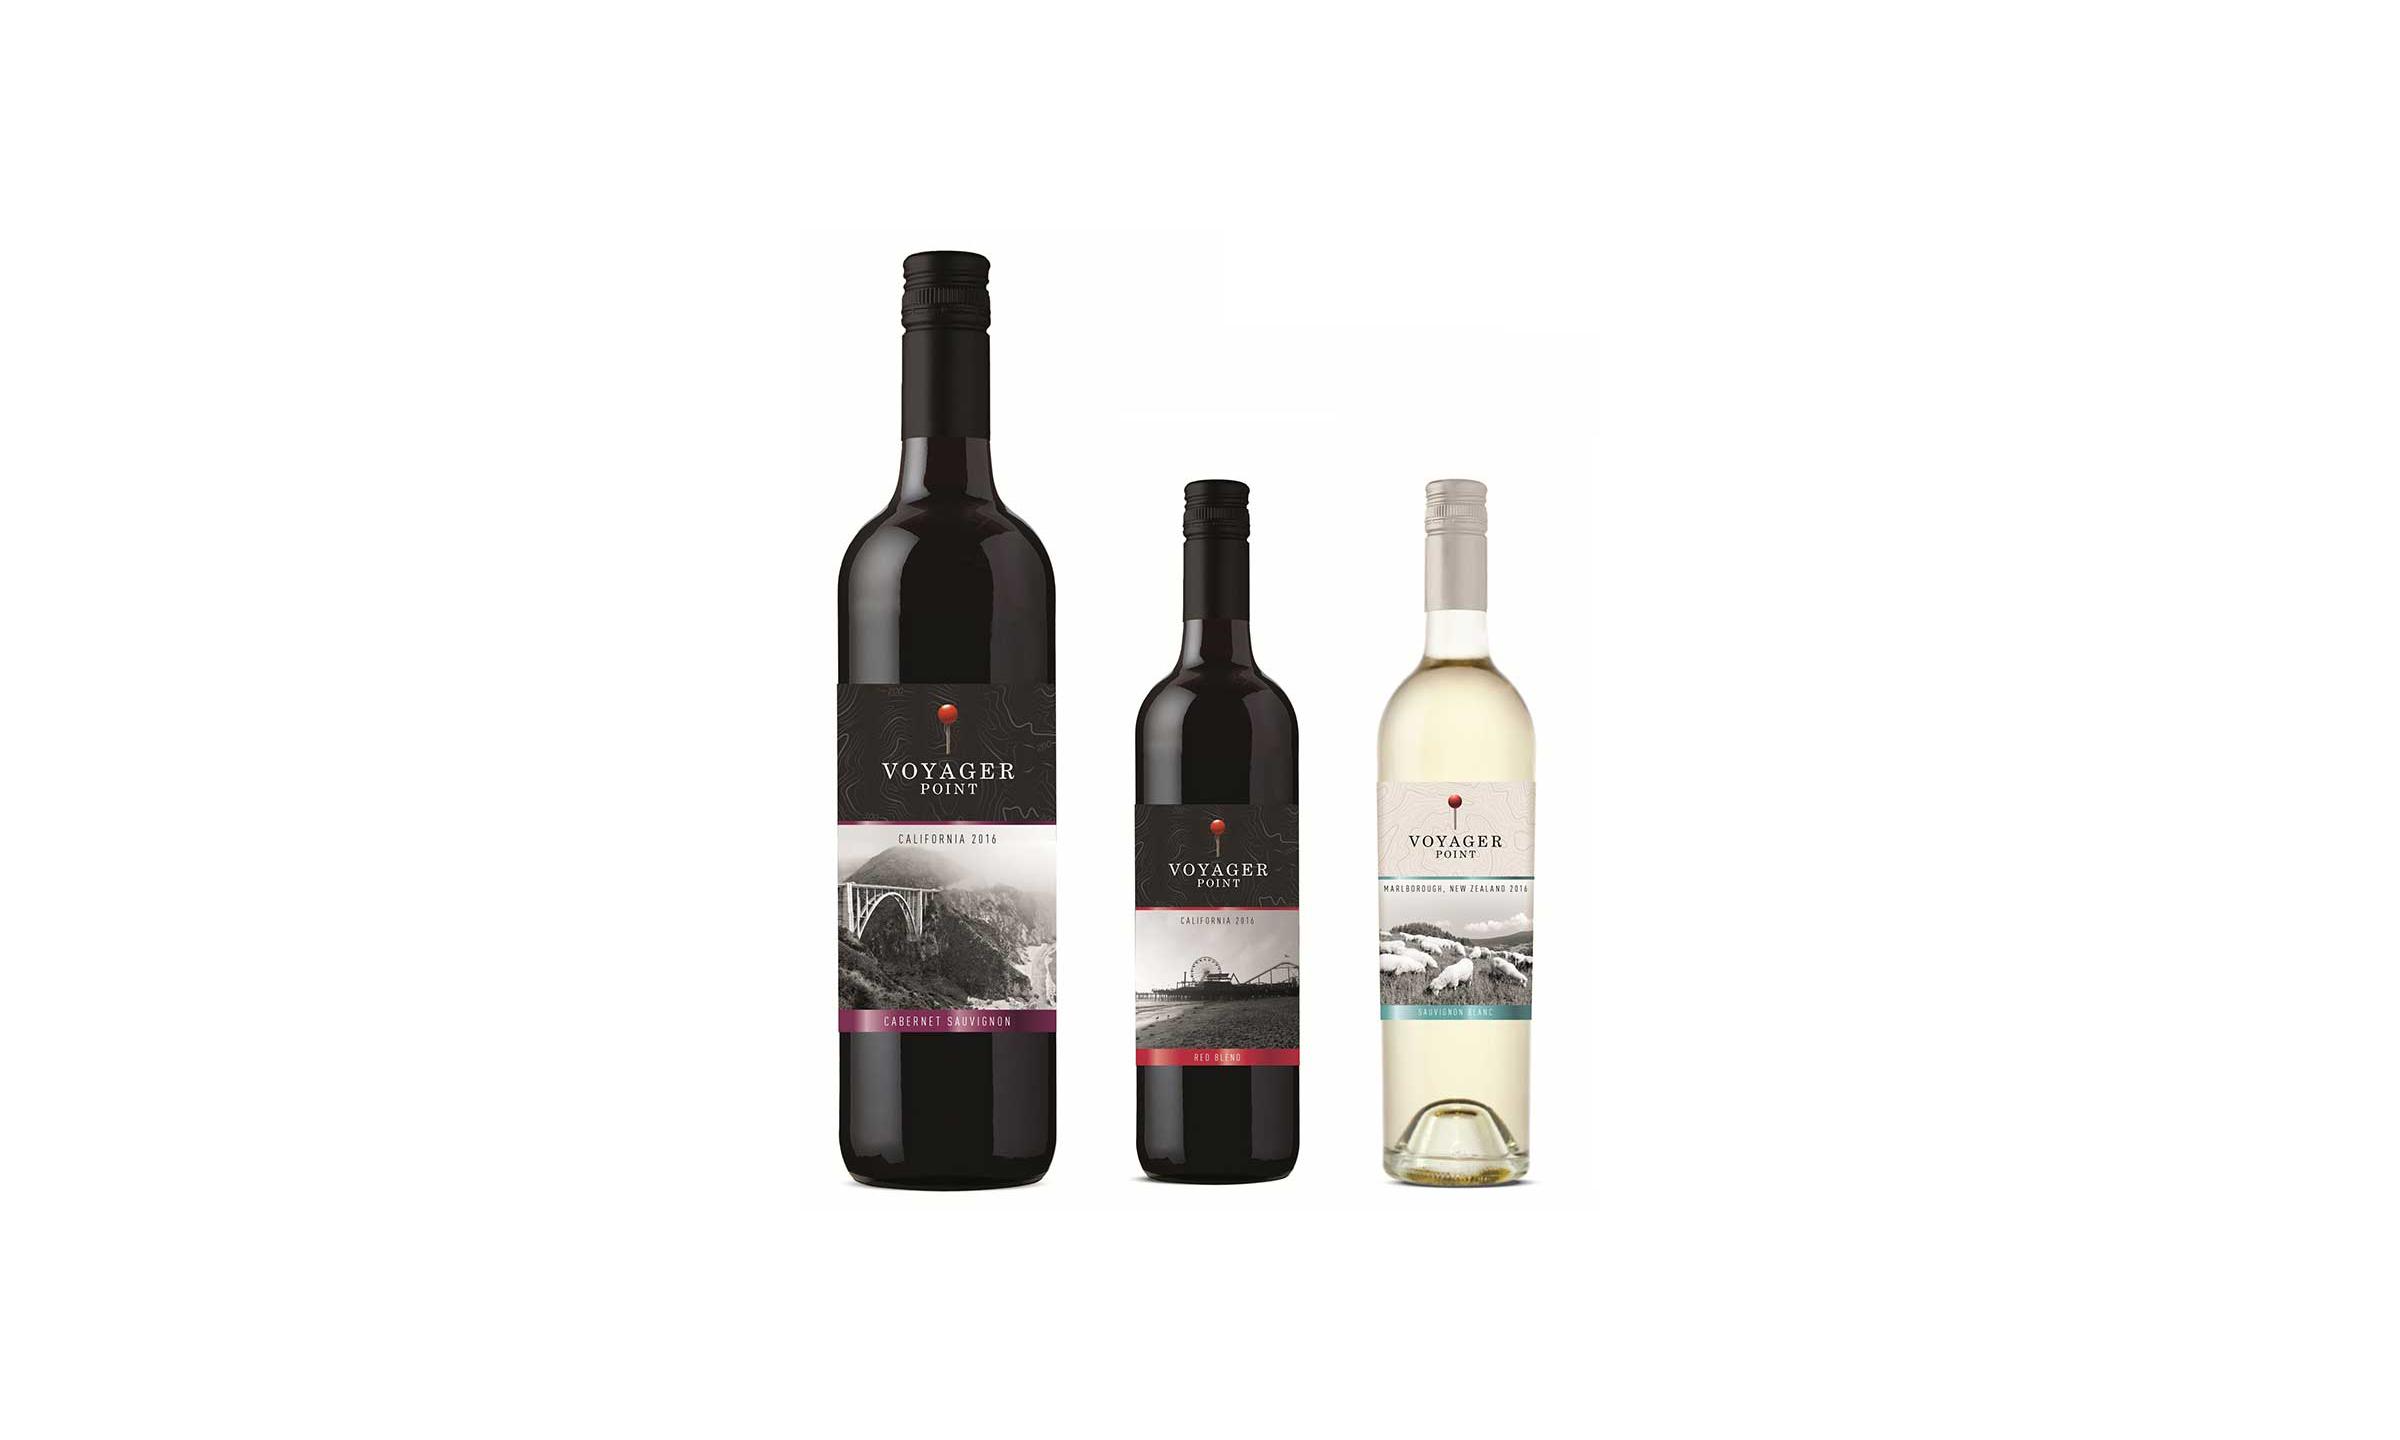 7-Eleven Voyager Point wine